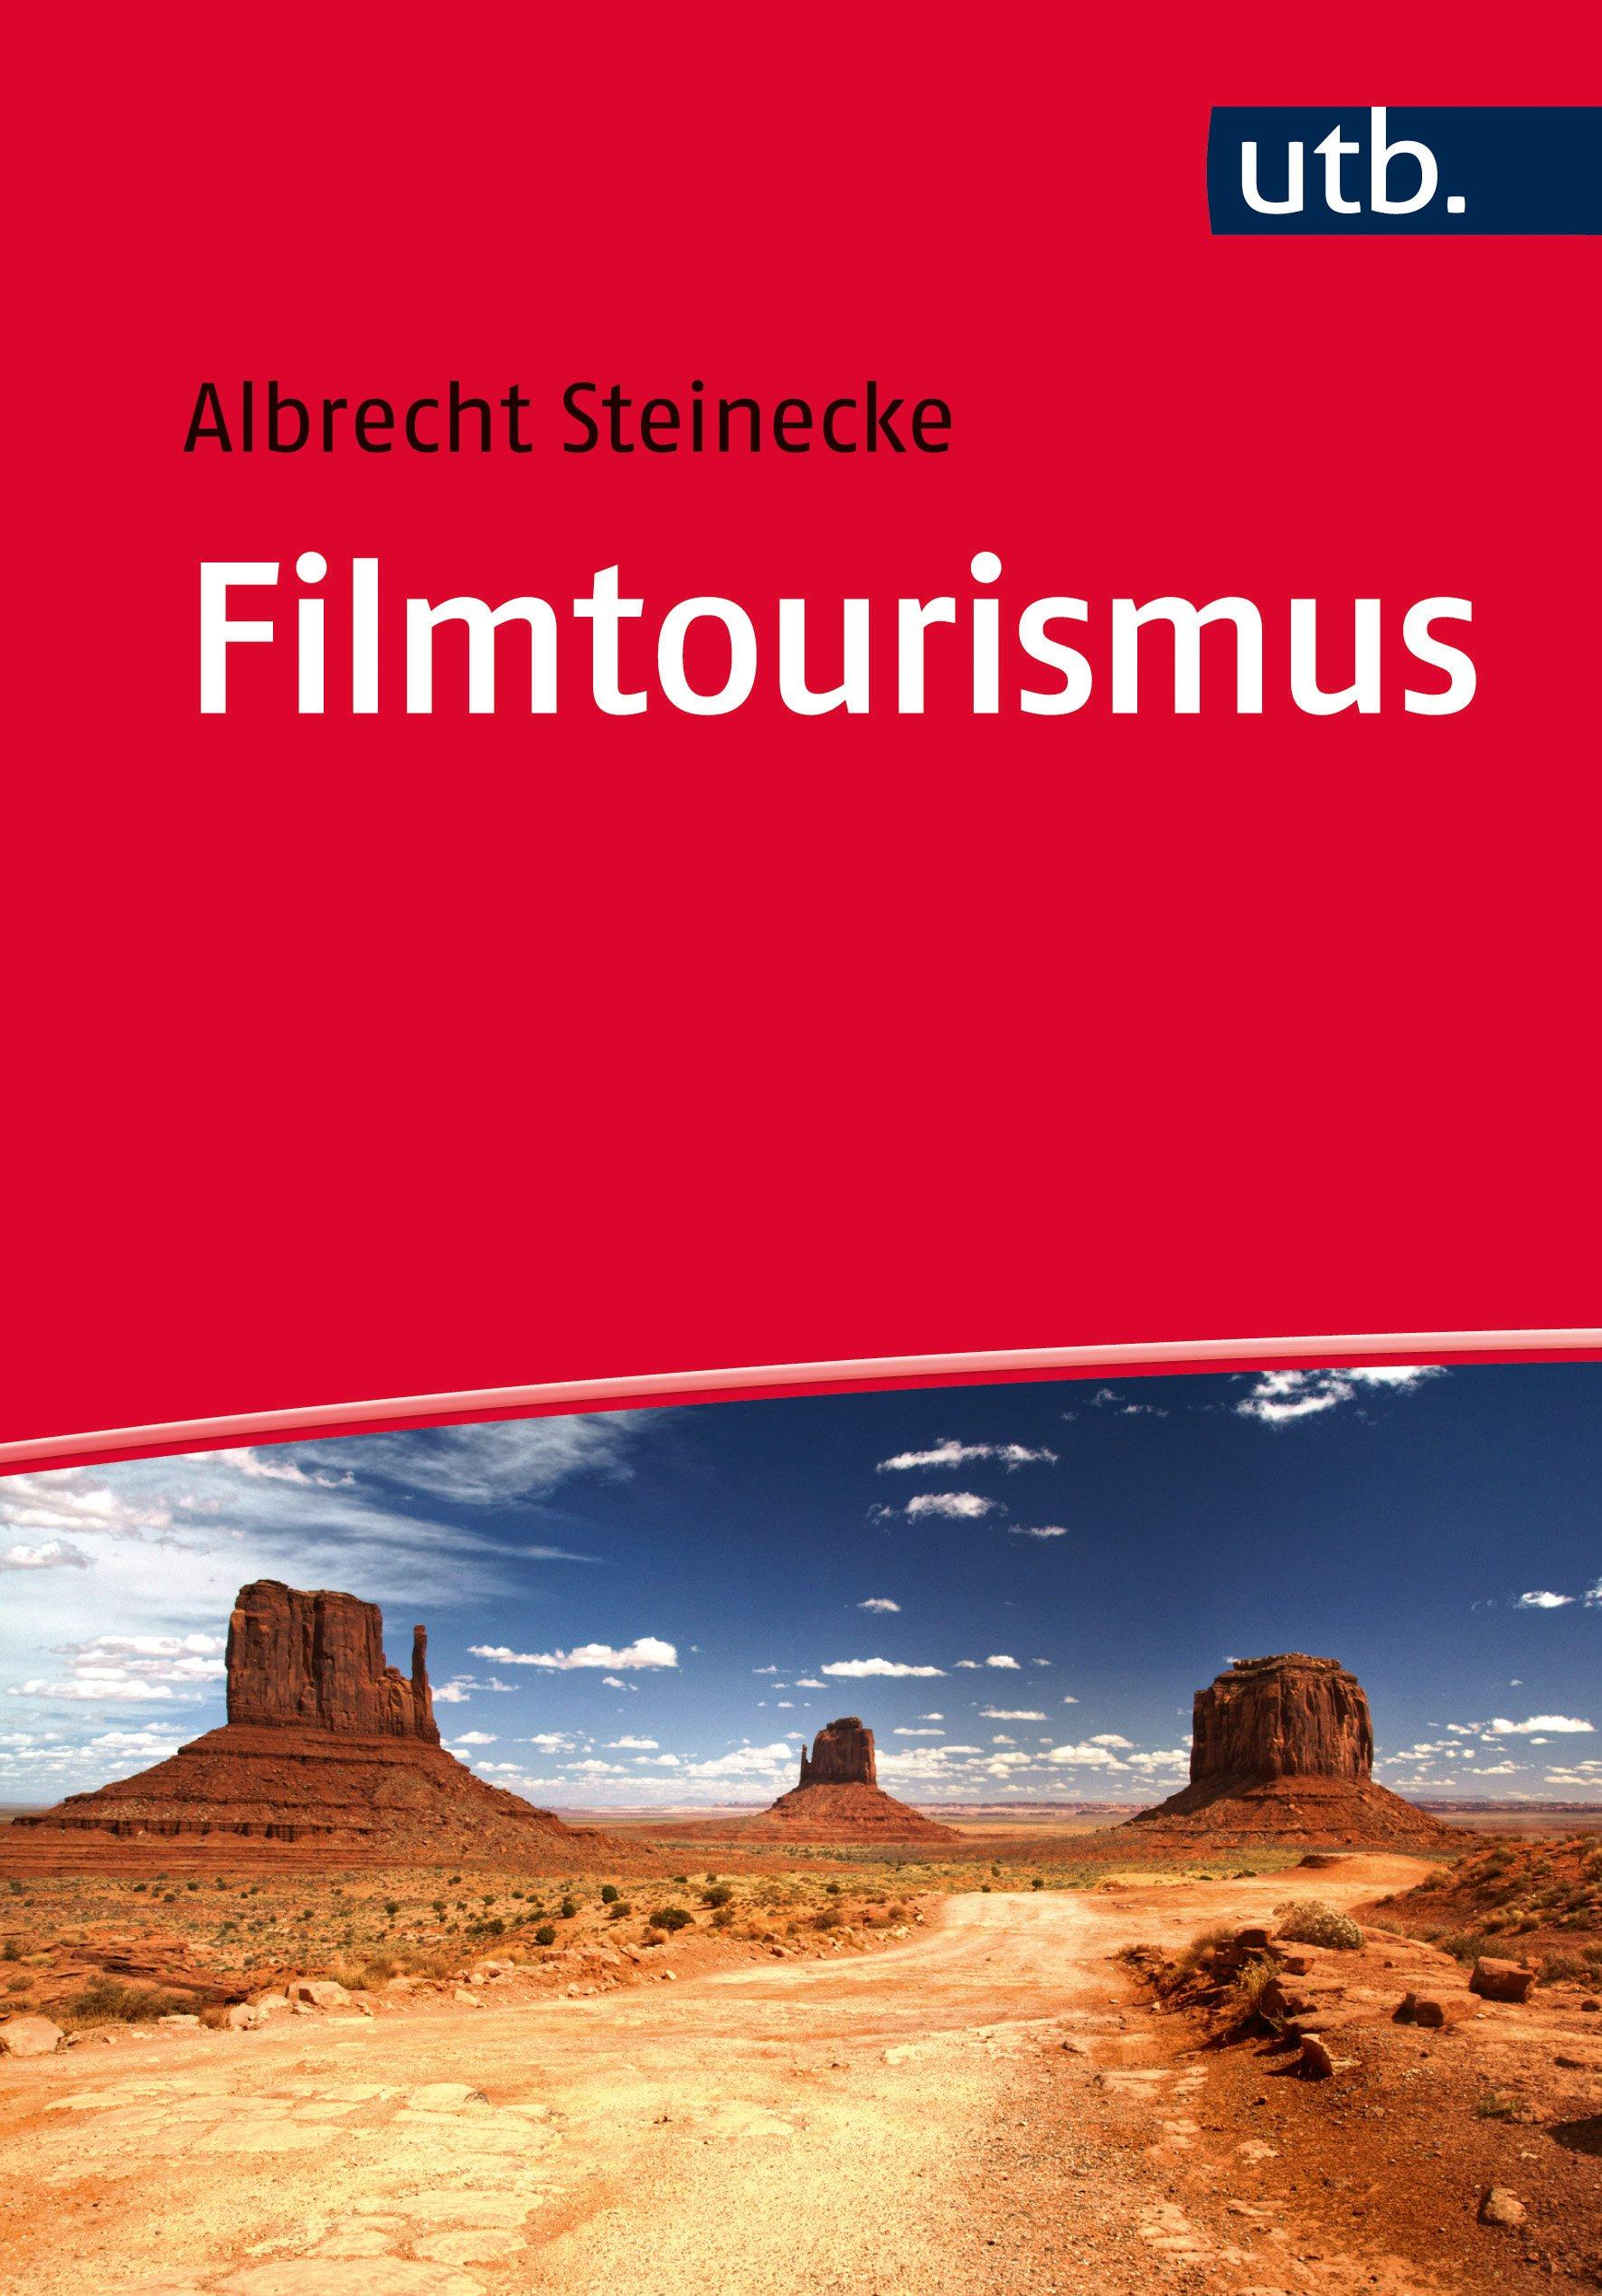 Filmtourismus: Einführung Taschenbuch – 9. Mai 2016 Albrecht Steinecke UTB GmbH 3825246175 Betriebswirtschaft